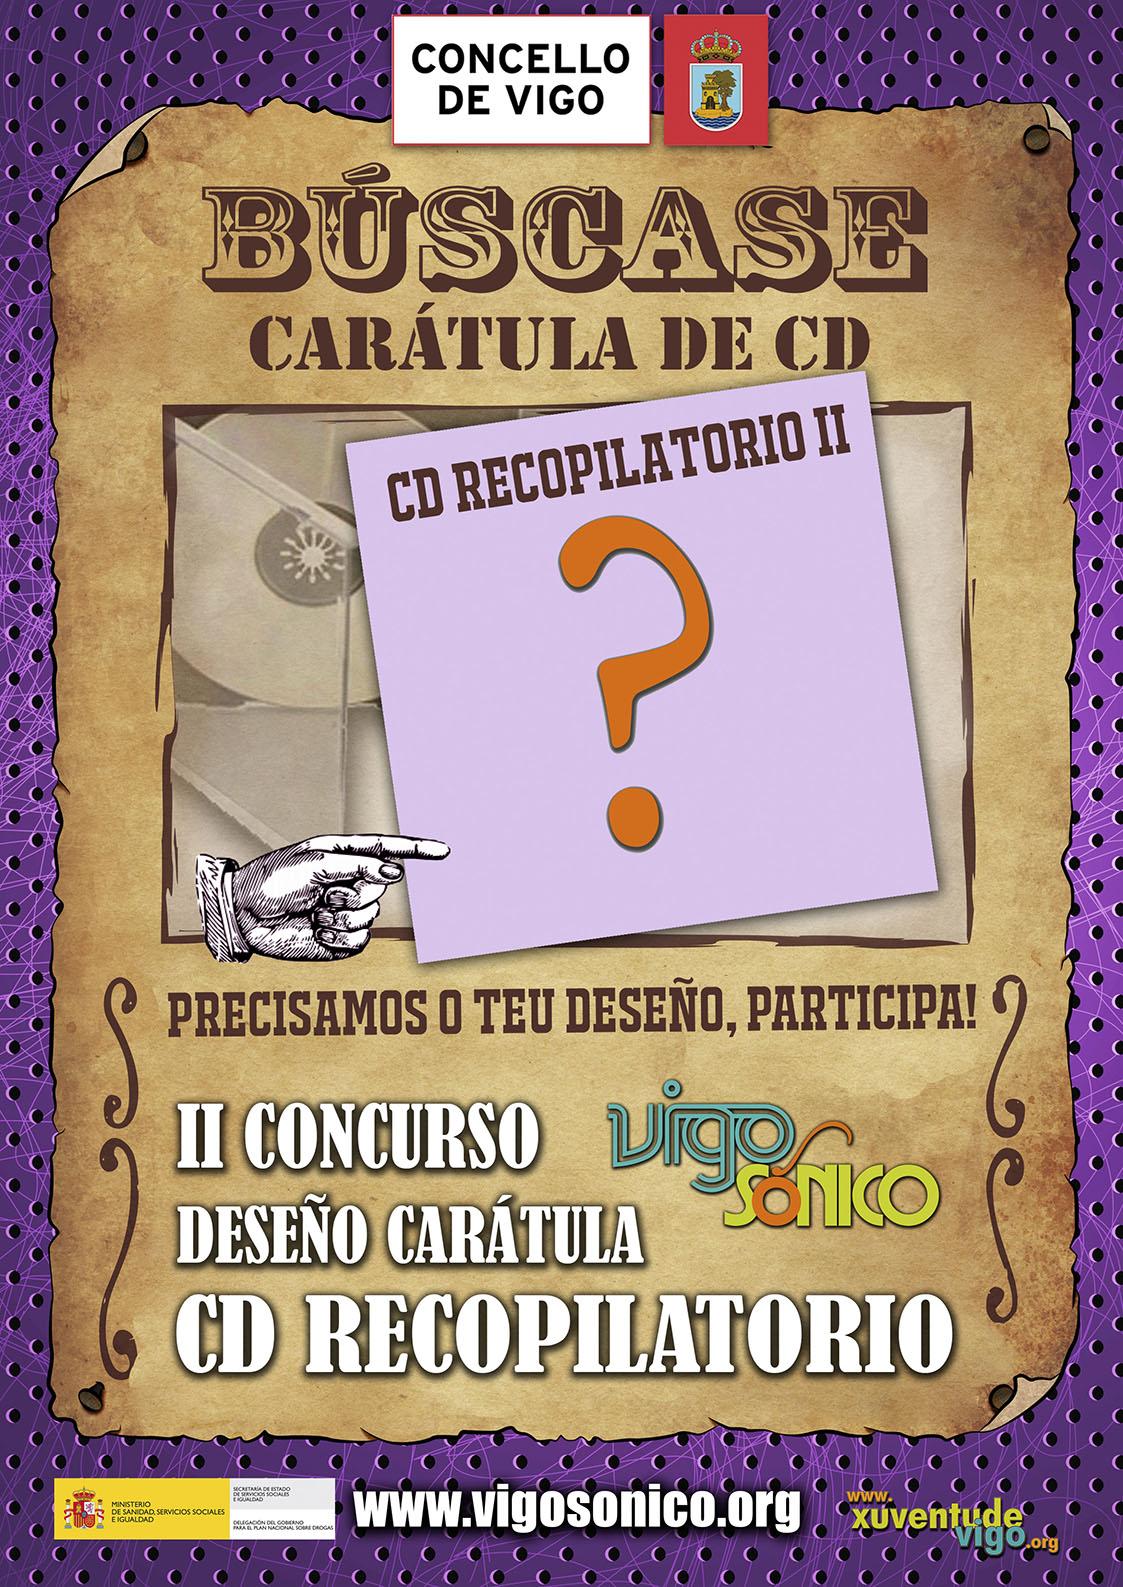 II CONCURSO DESEÑO CARÁTULA PARA CD RECOPILATORIOVIGOSÓNICO